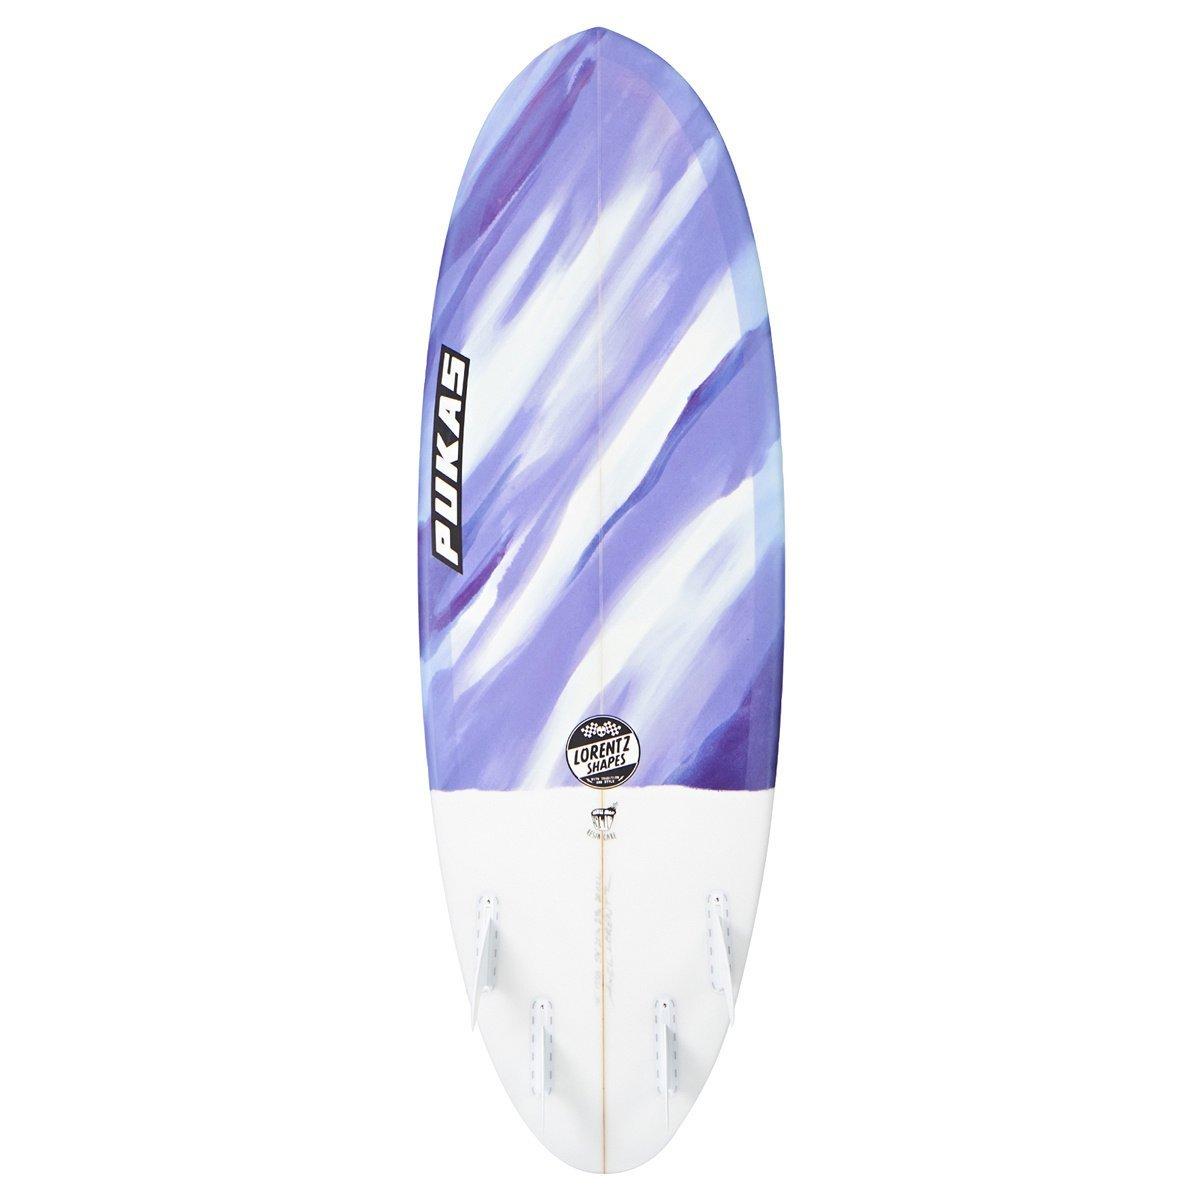 Resina de surf - futuros Pukas pastel púrpura Camo multicolor Talla:5ft 10: Amazon.es: Deportes y aire libre